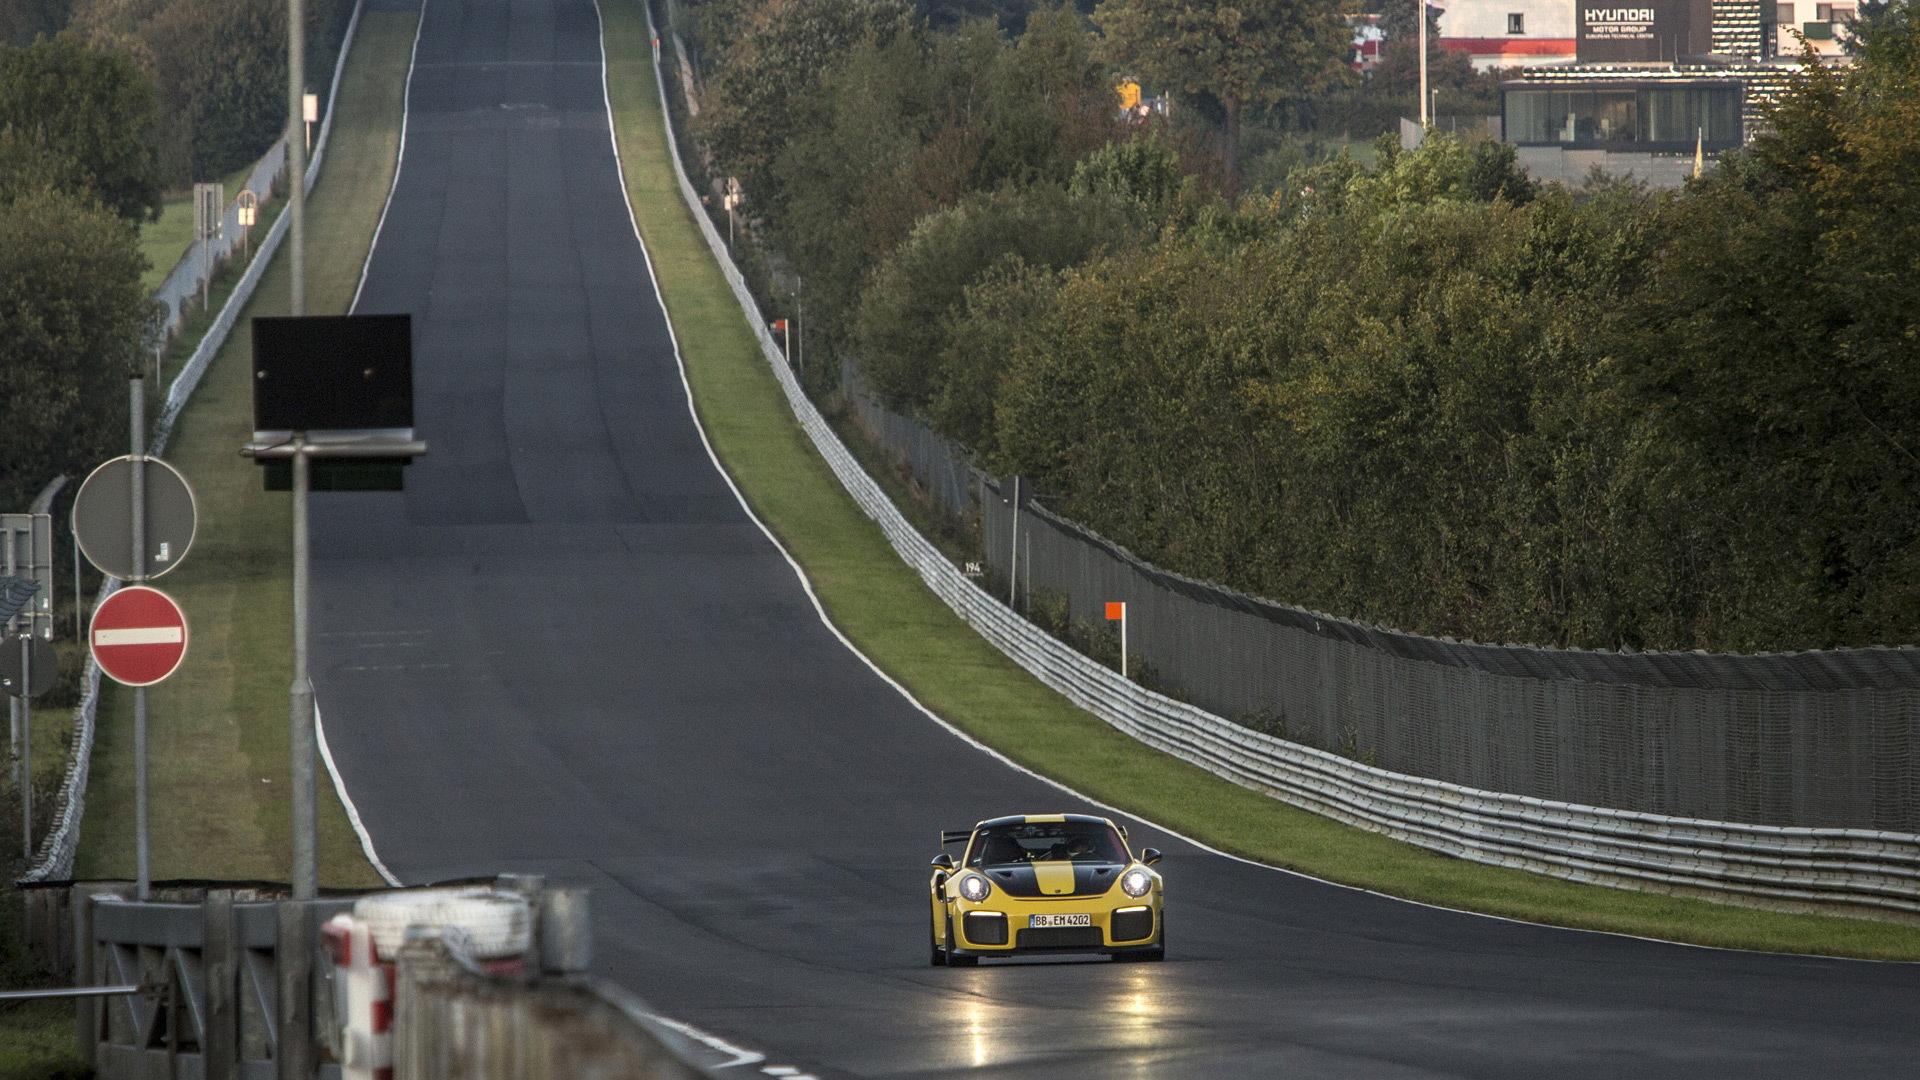 2018 Porsche 911 GT2 RS at the Nürburgring